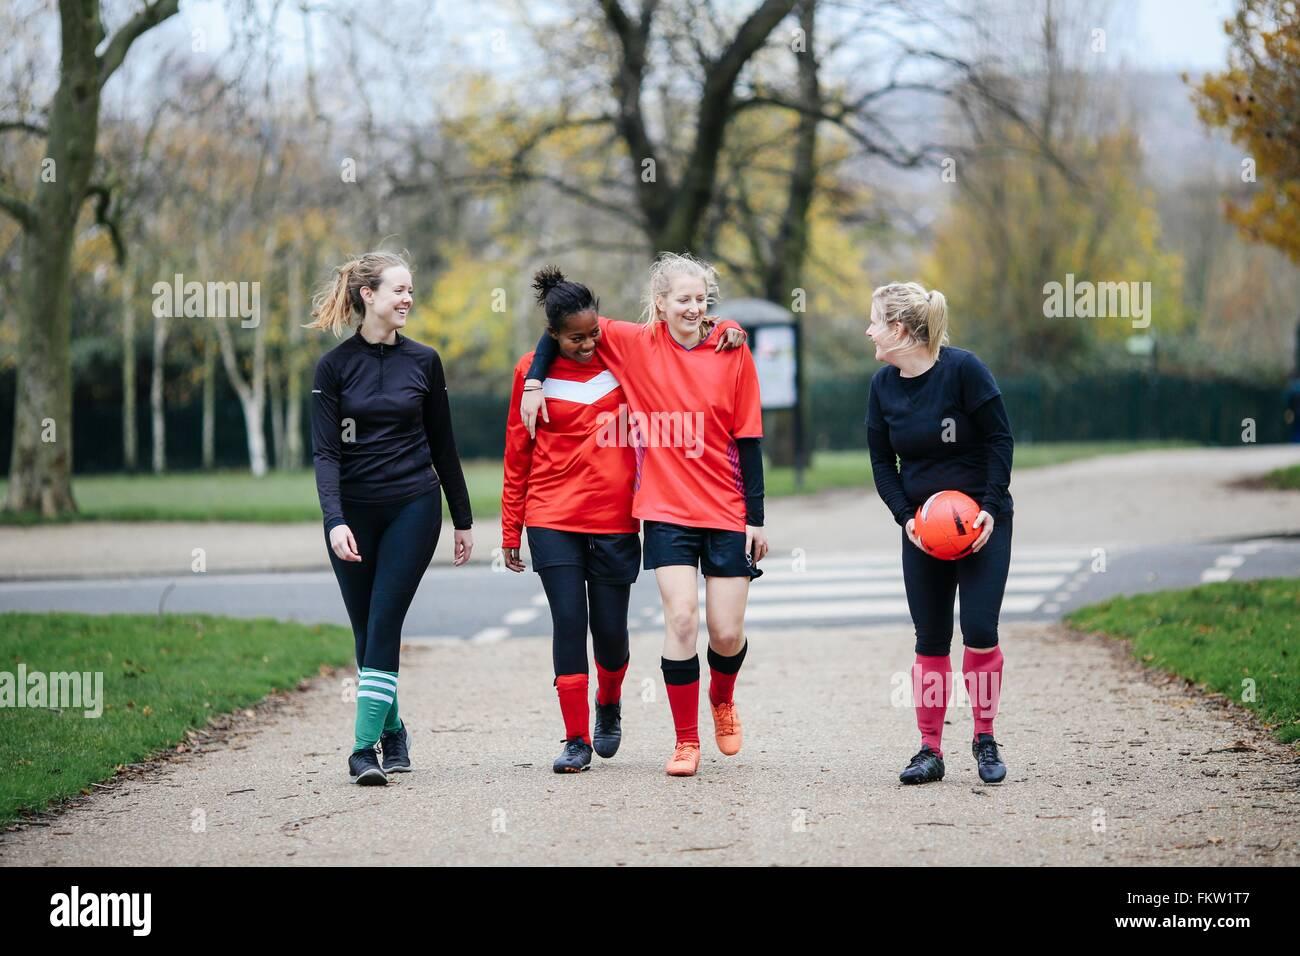 Los jugadores de fútbol femenino en la ruta a jugar al fútbol en el parque Imagen De Stock